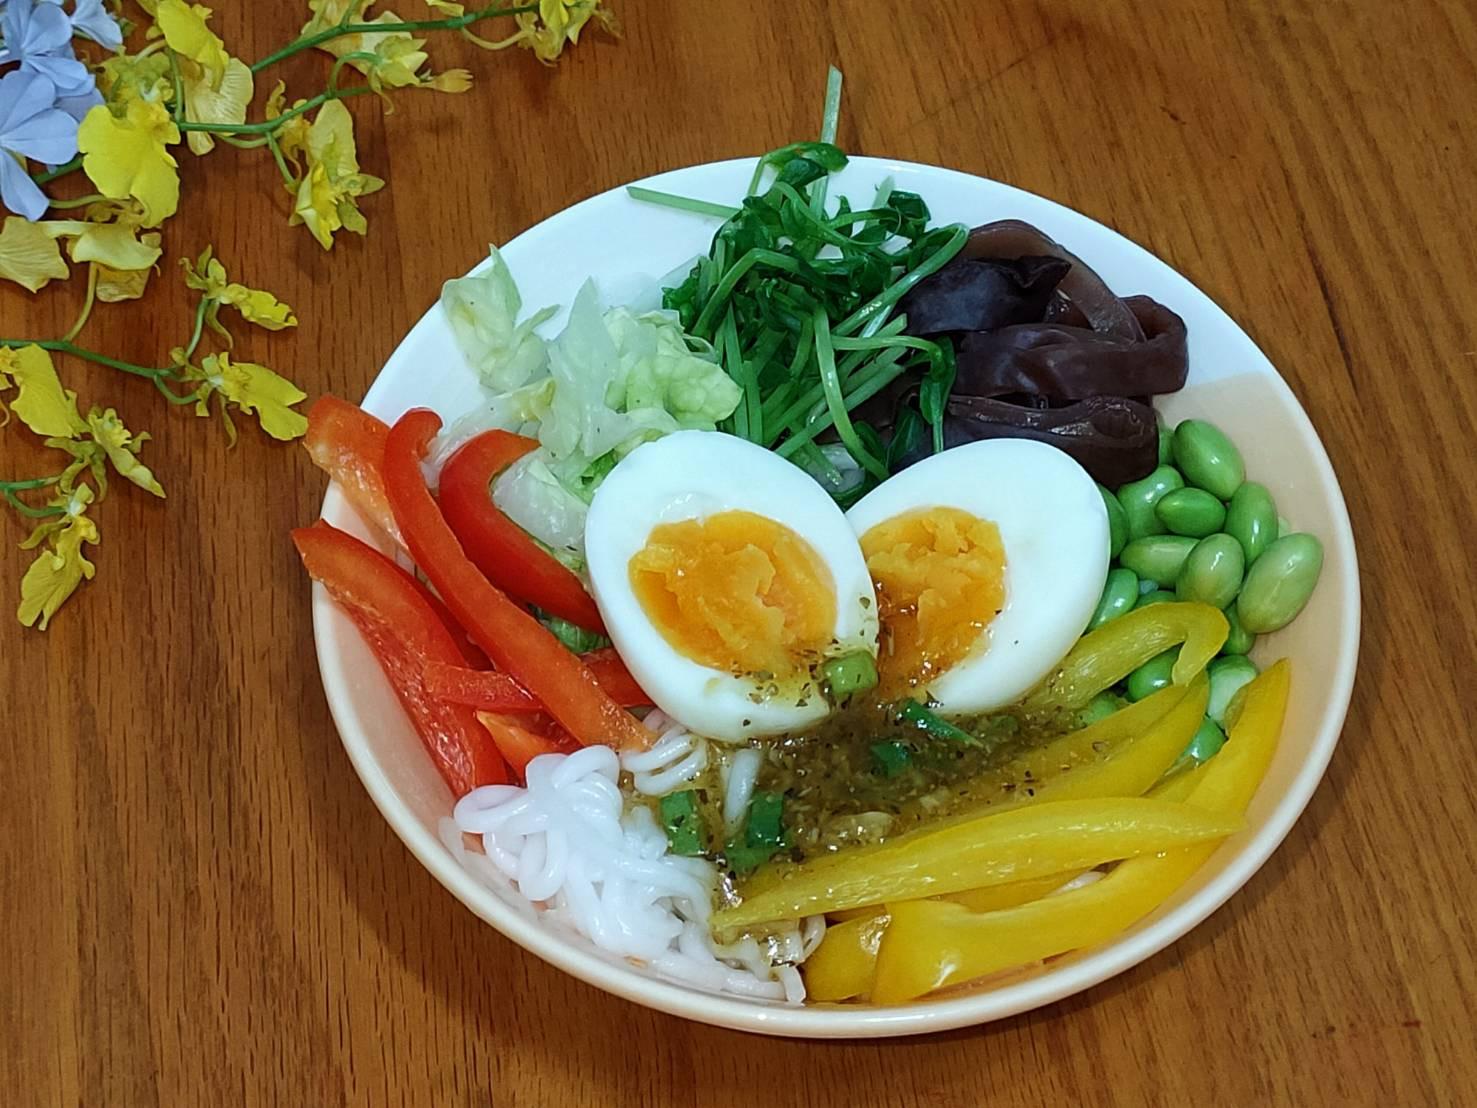 鮮蔬良伴米苔目